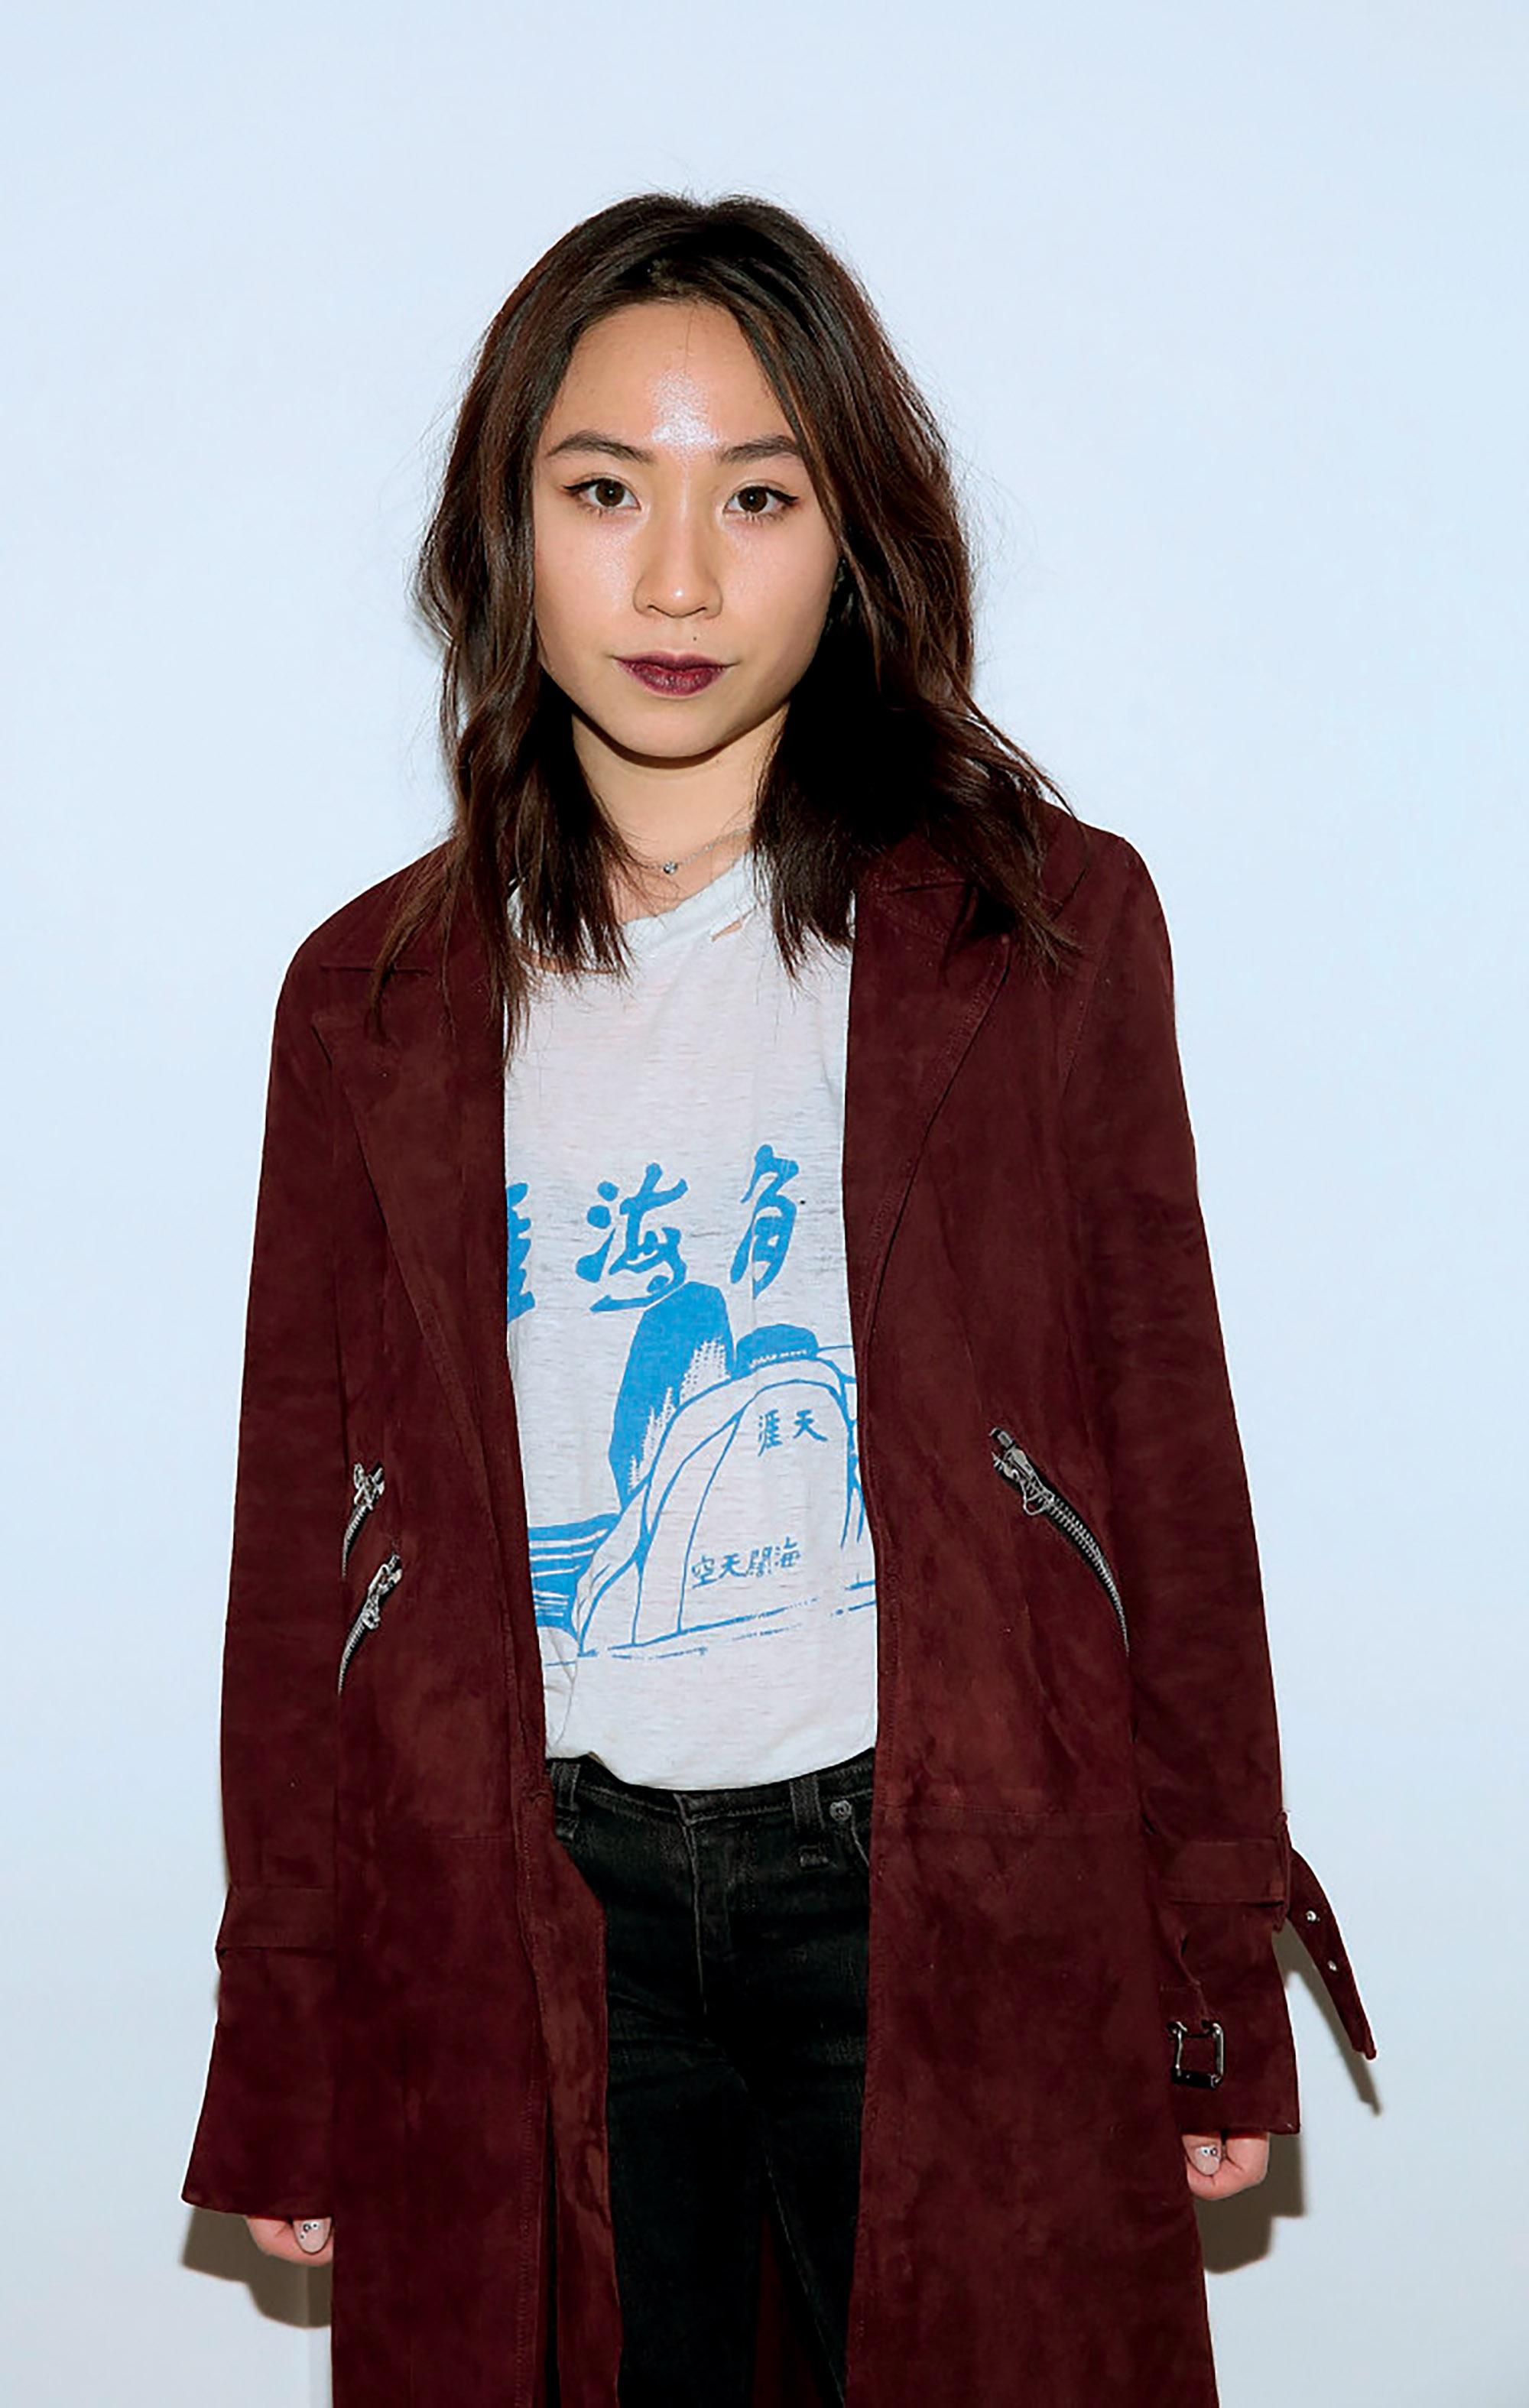 nhà thiết kế thời trang Sandy Liang